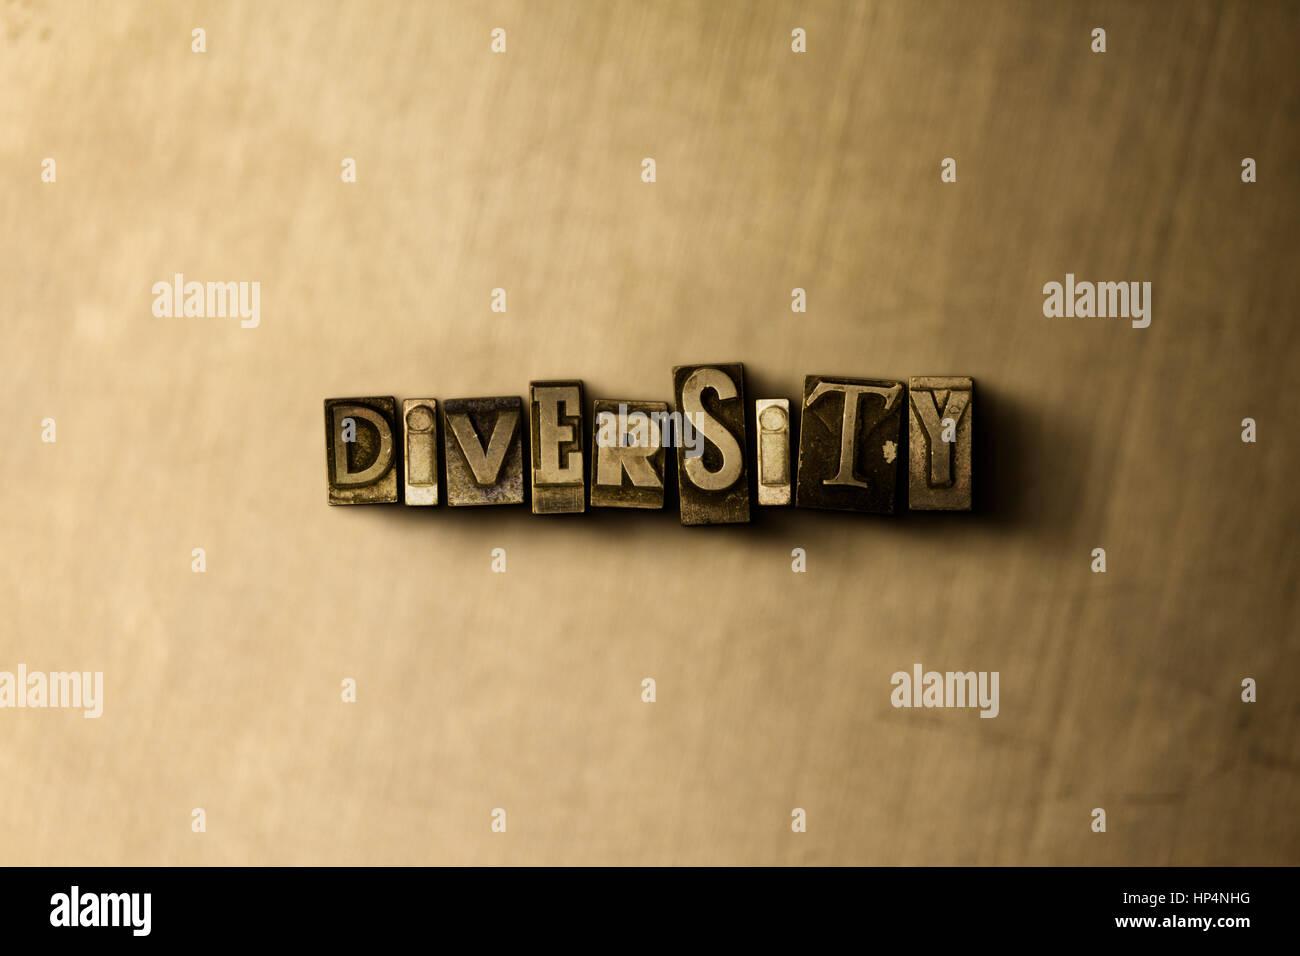 Diversidad - close-up de sucio vintage tipografía palabra sobre metal como telón de fondo. Royalty free ilustración. Foto de stock